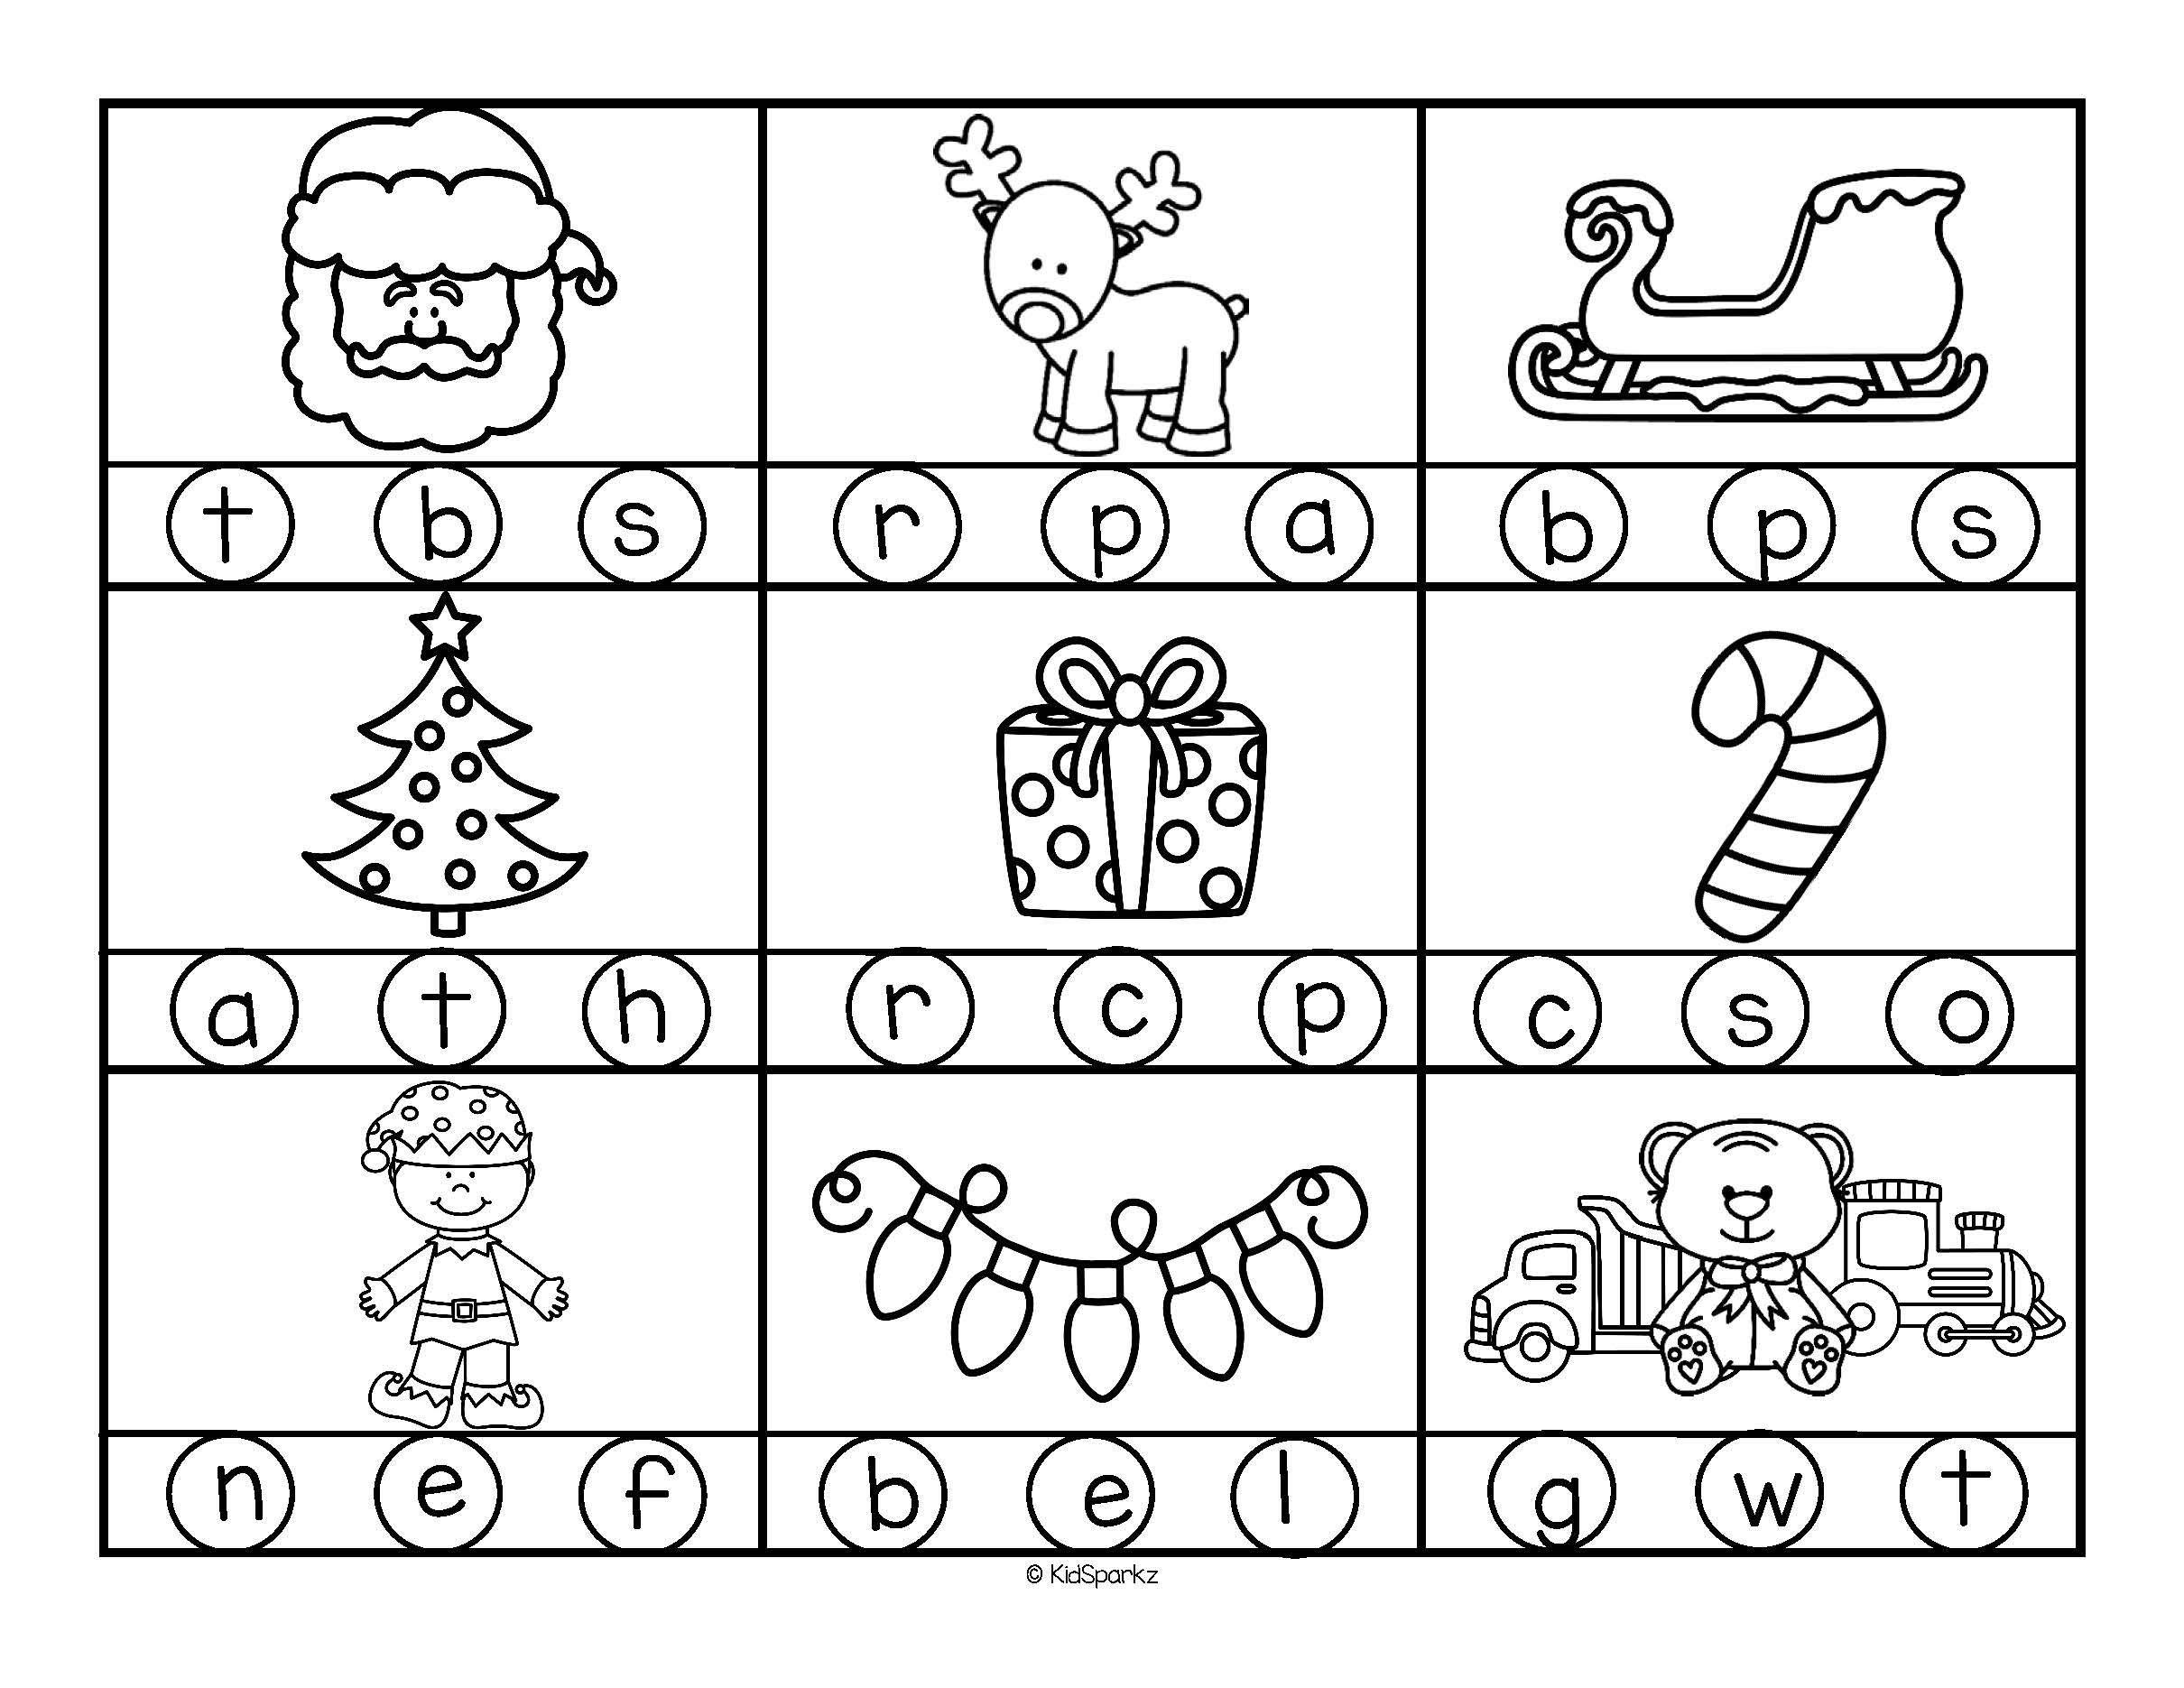 Letter Sounds Worksheets For Preschool